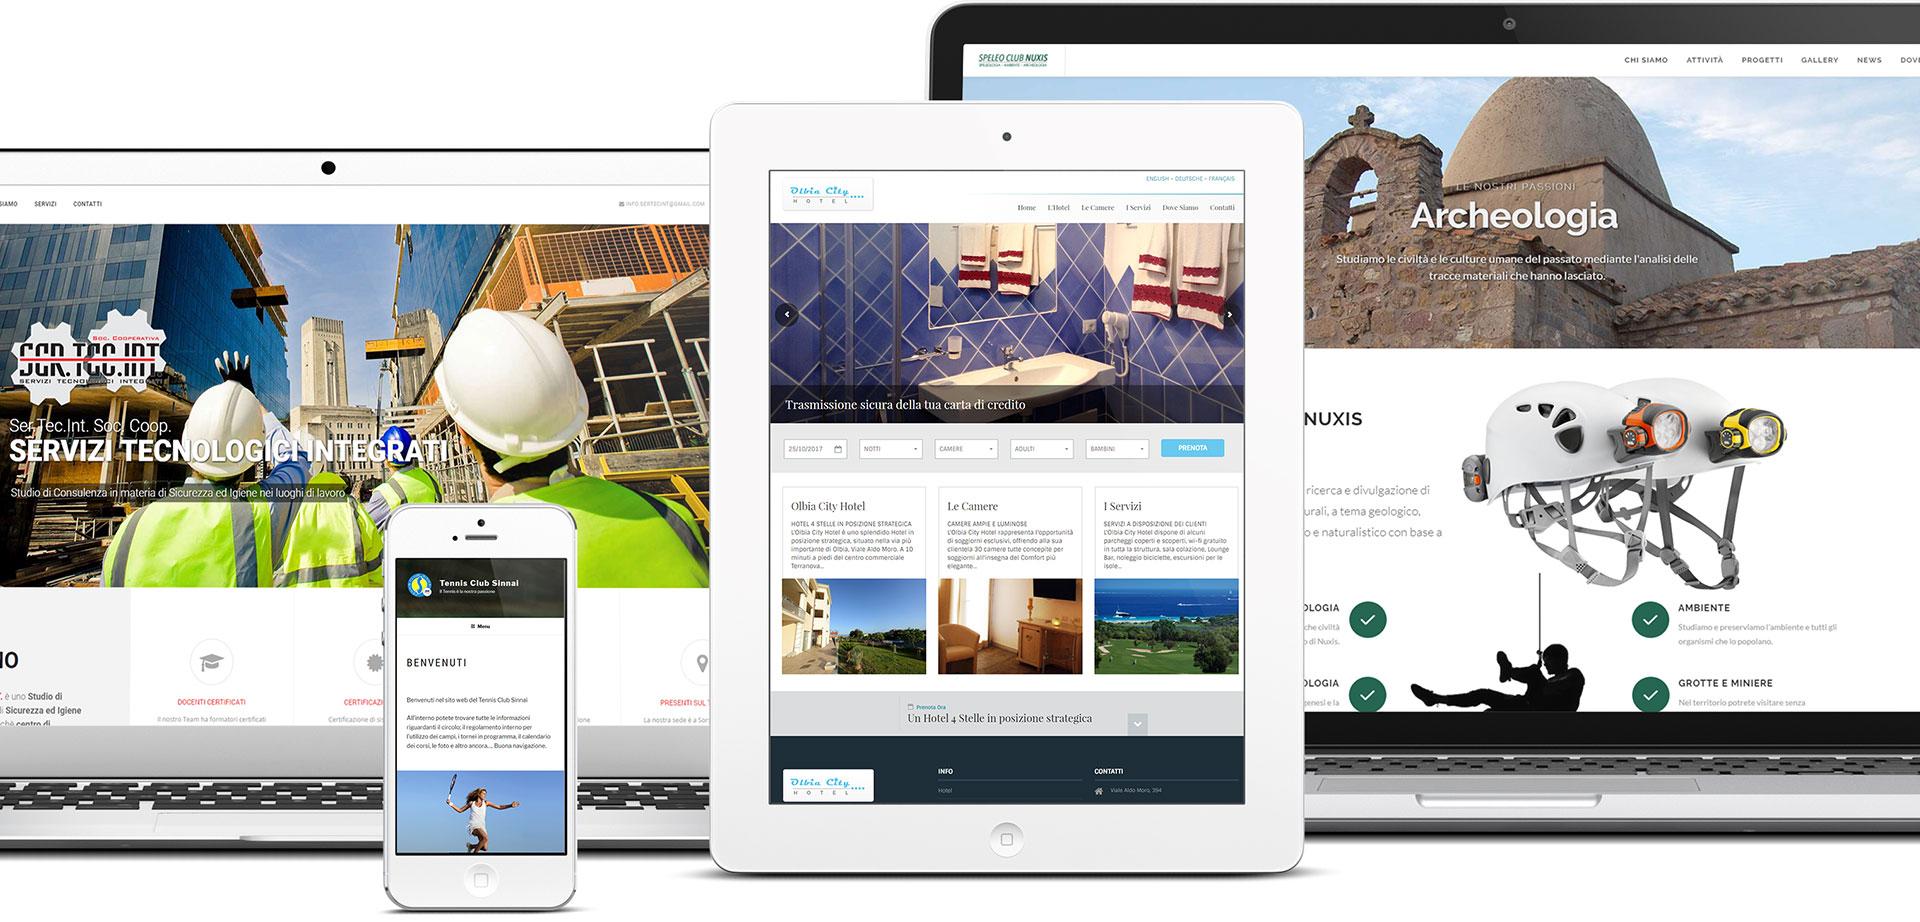 Realizzazione siti web in sardegna for Siti web di progettazione architettonica gratuiti